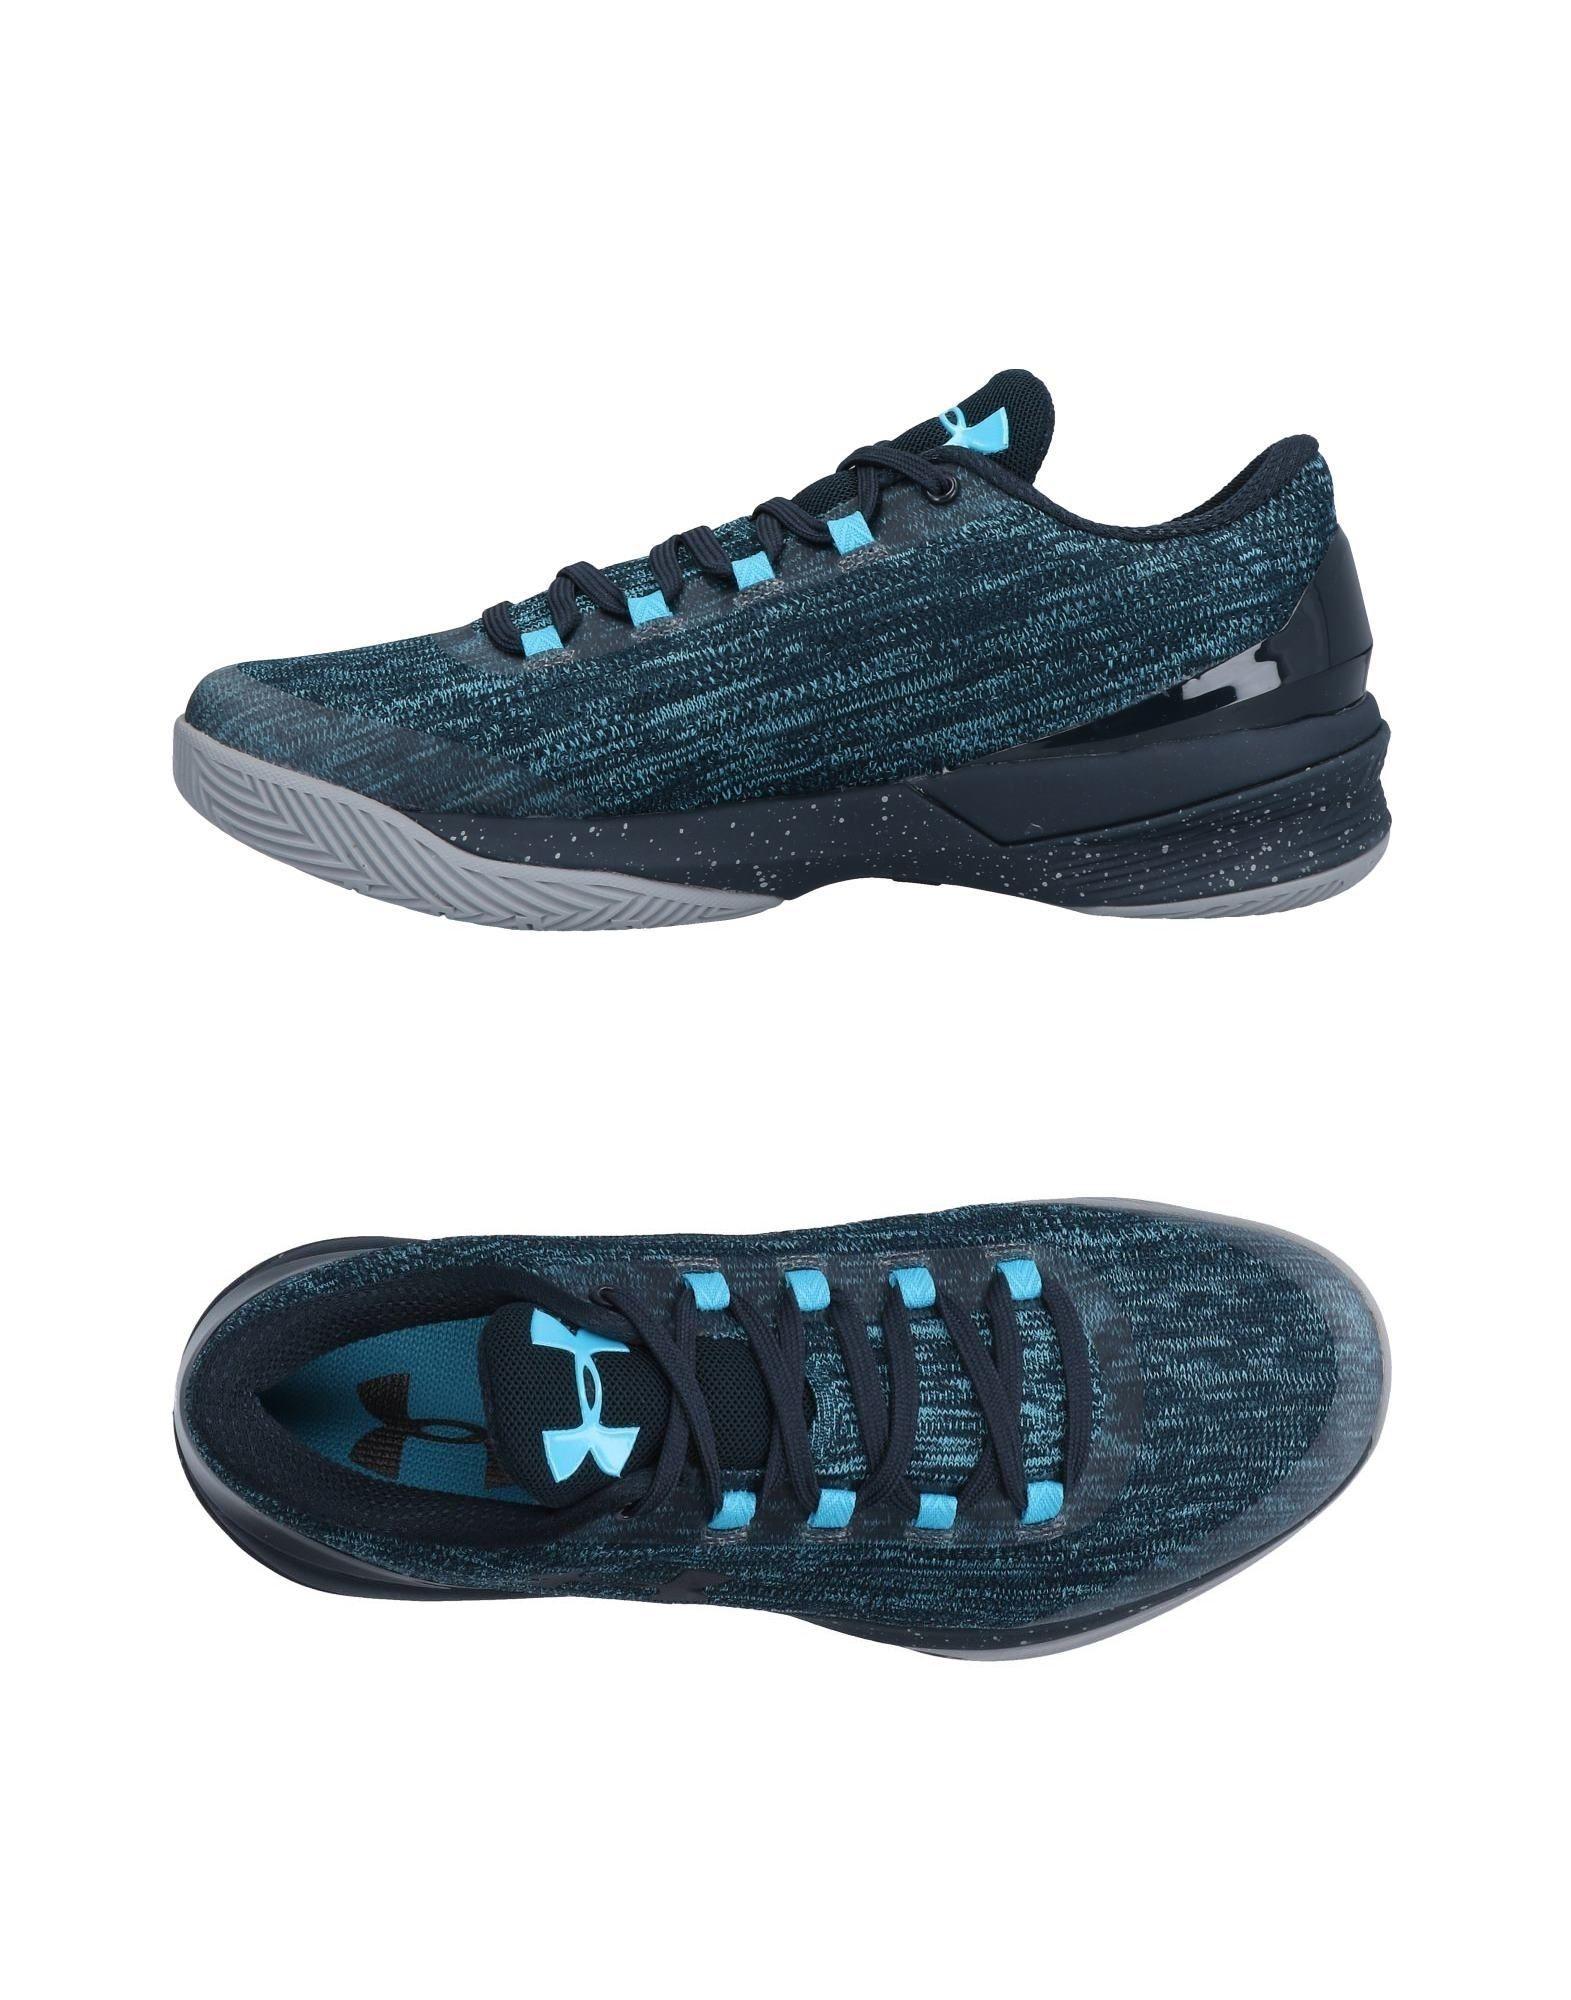 Under Armour Sneakers Herren 11509055BK  11509055BK Herren e7d834